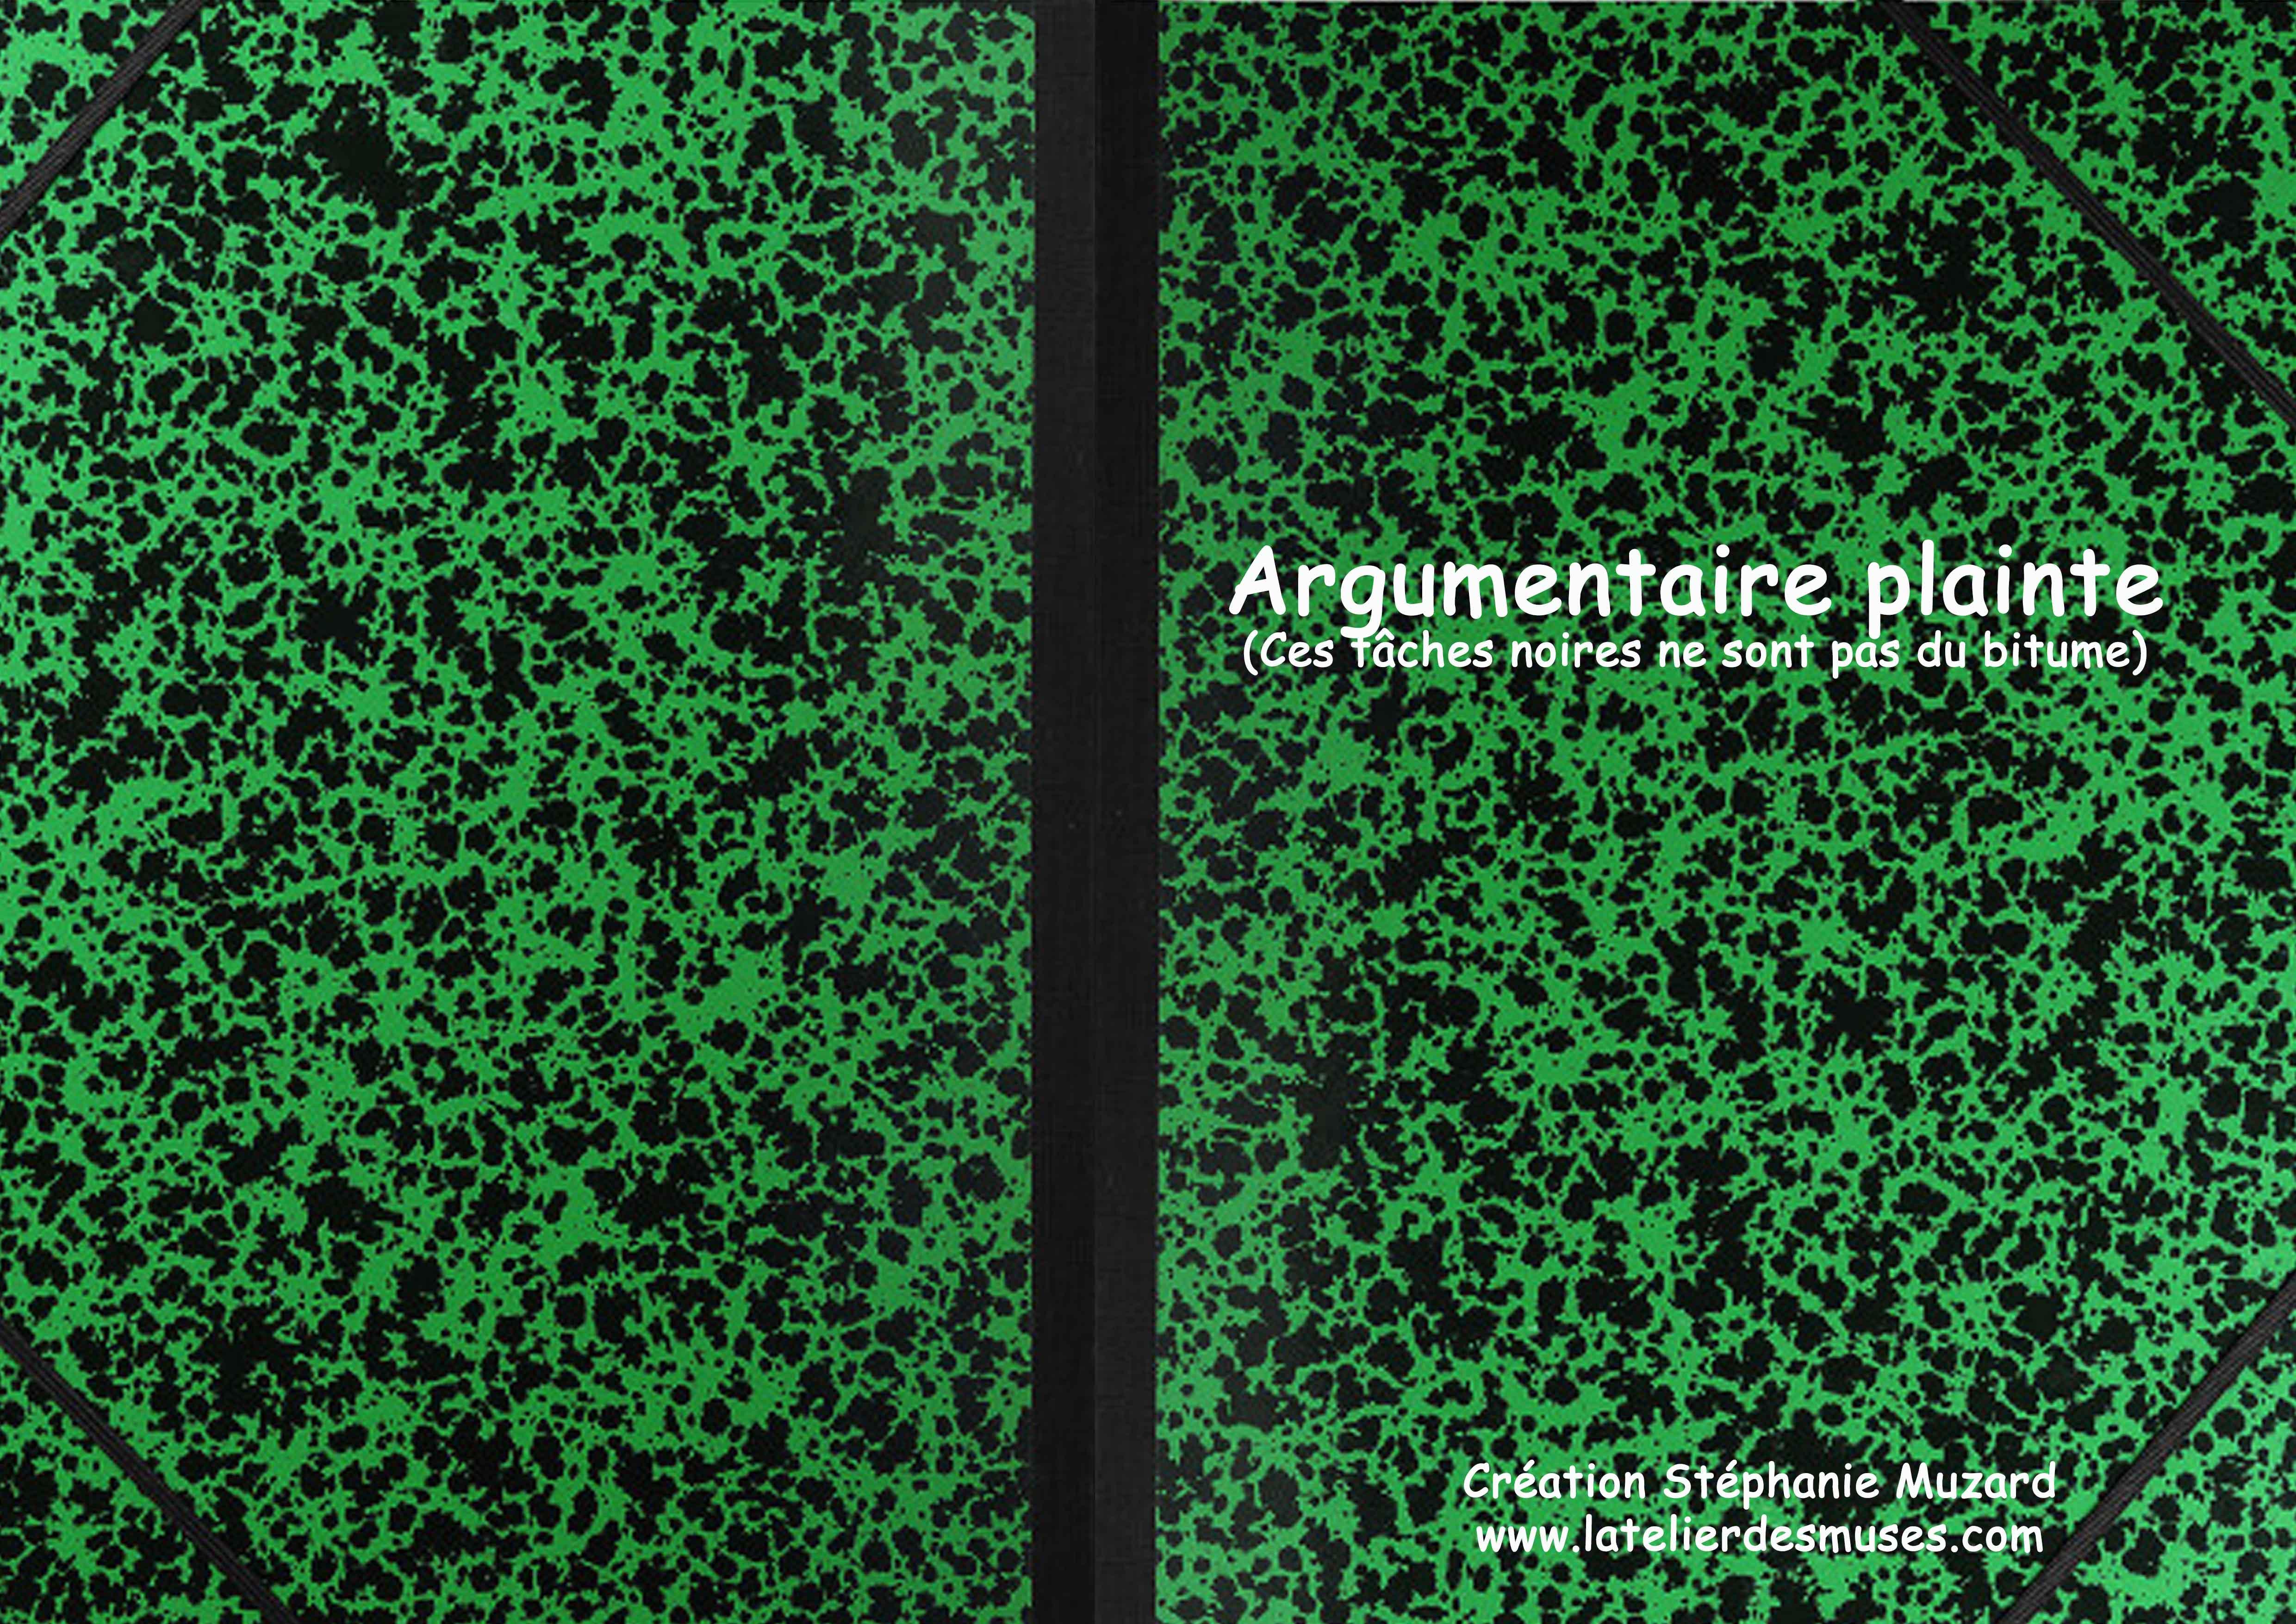 couverture-argumentaire-plainte-a3.jpg